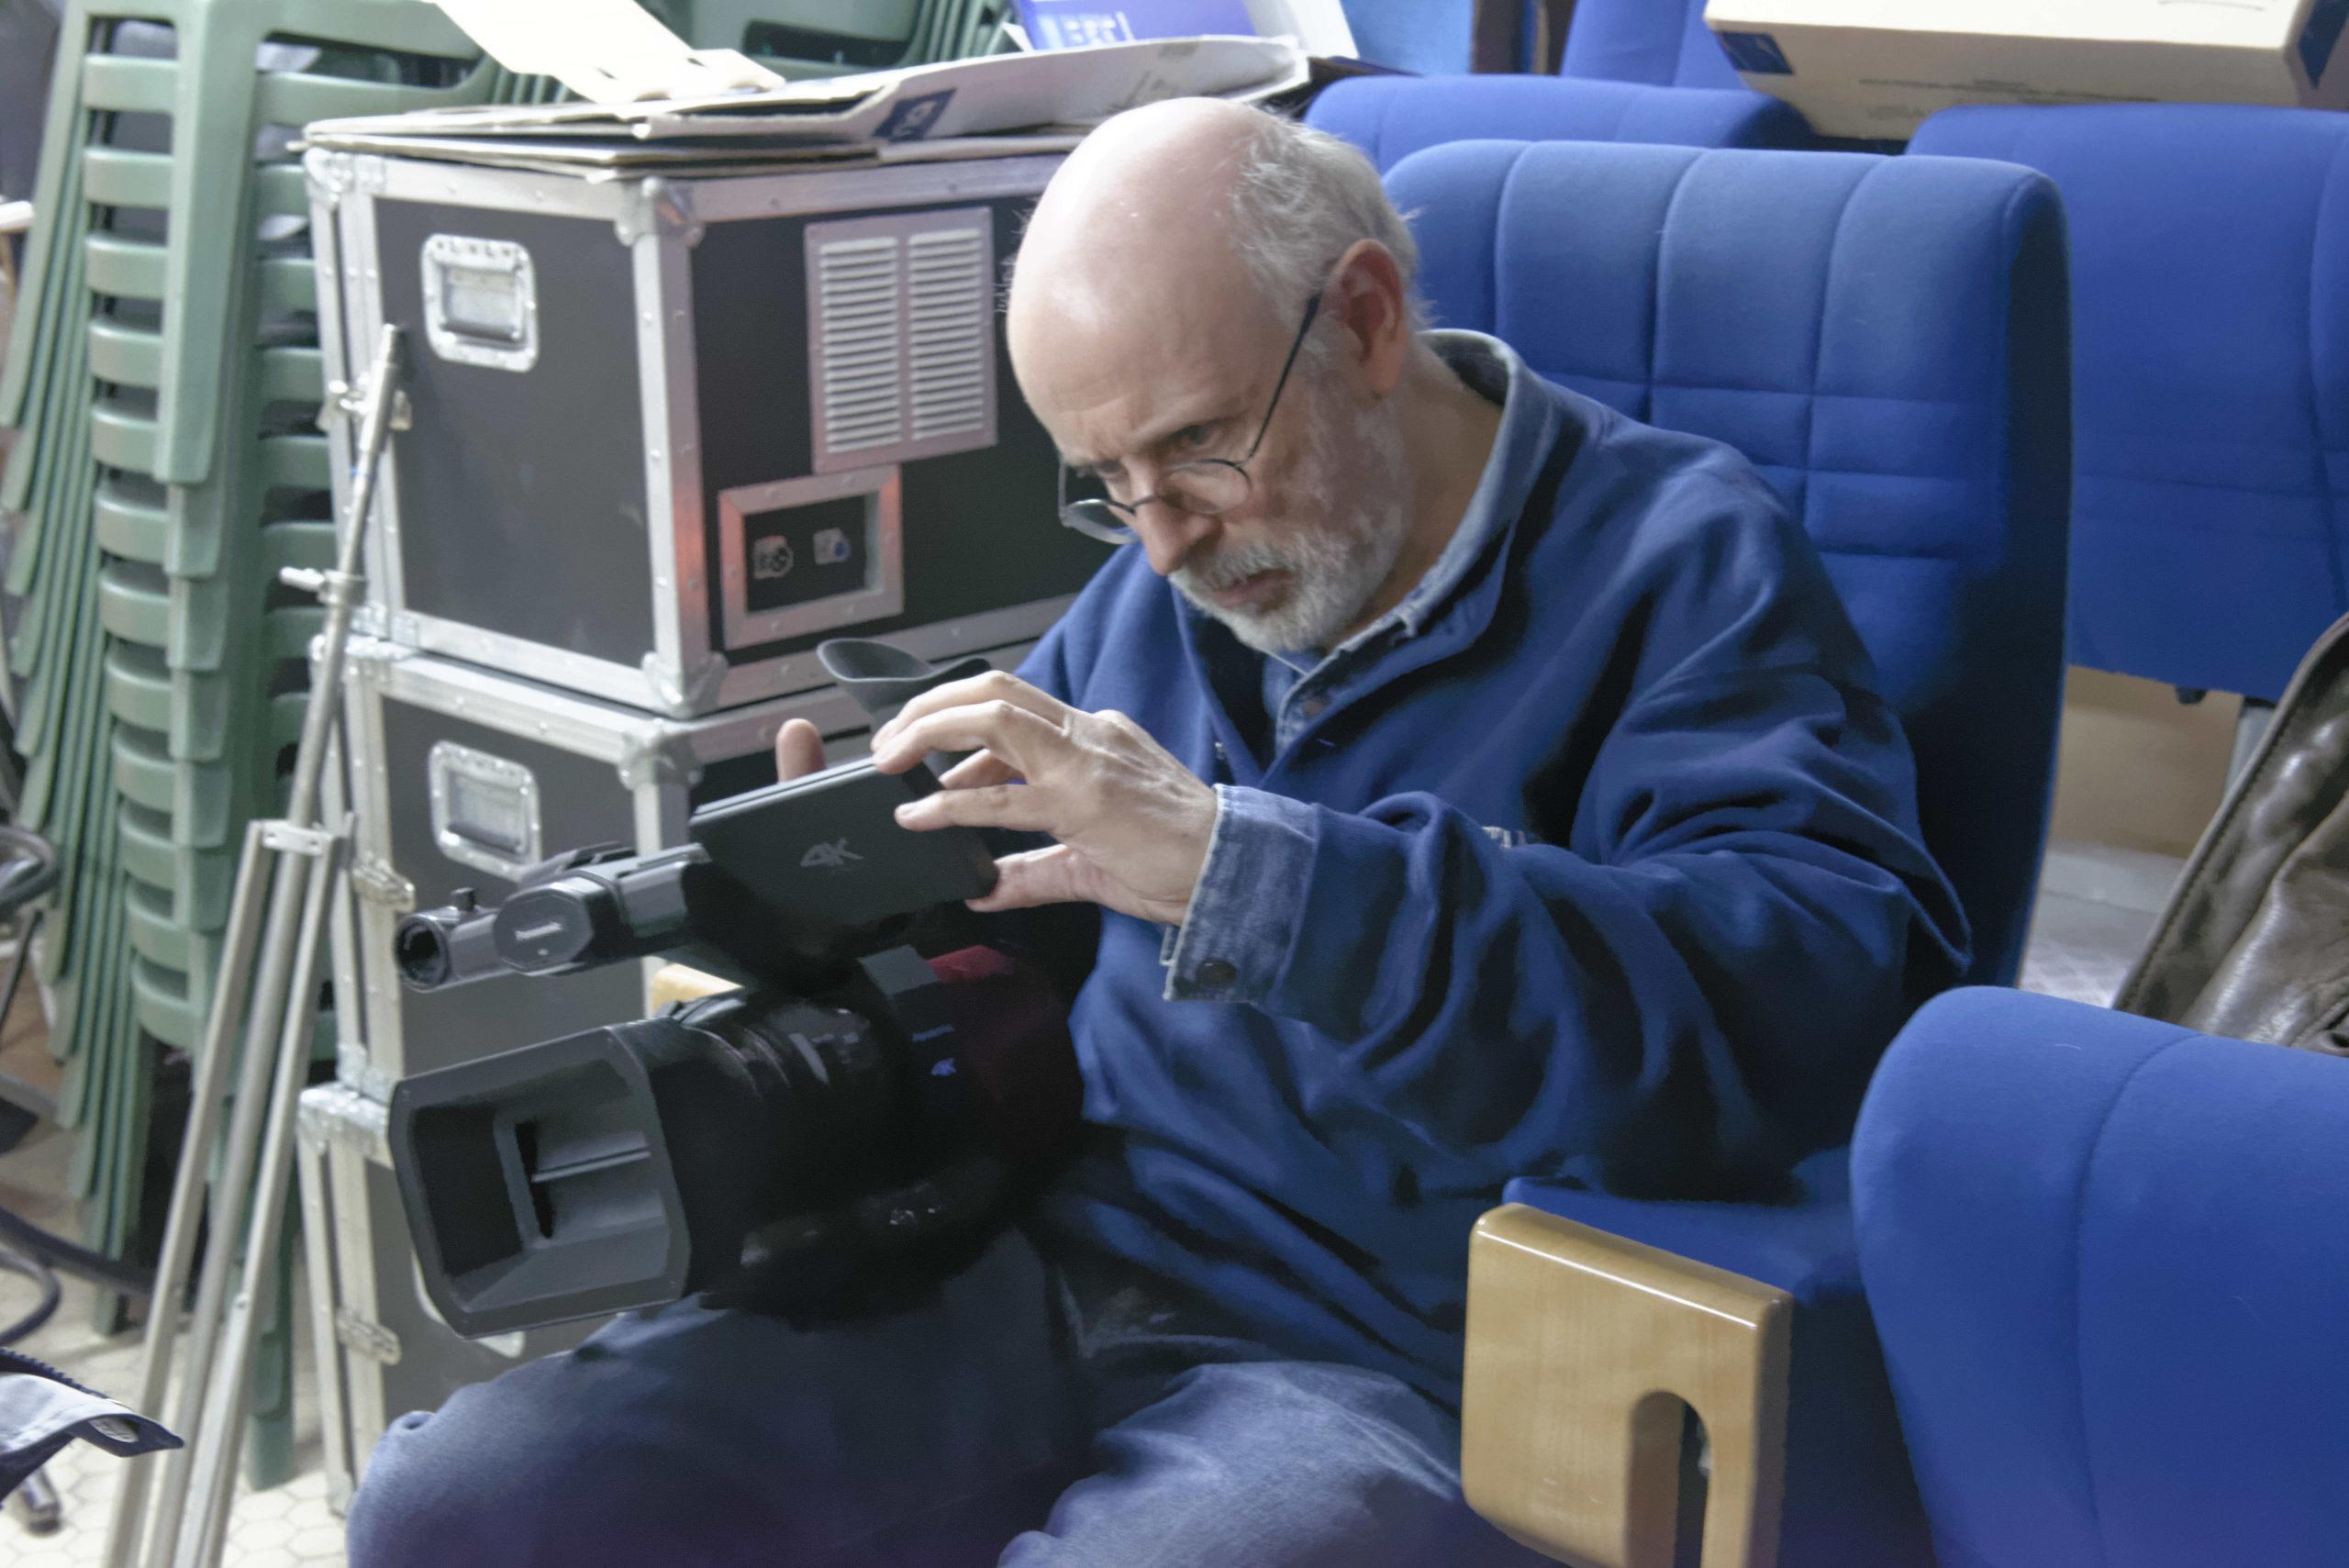 Pere et impair photos tournage 17